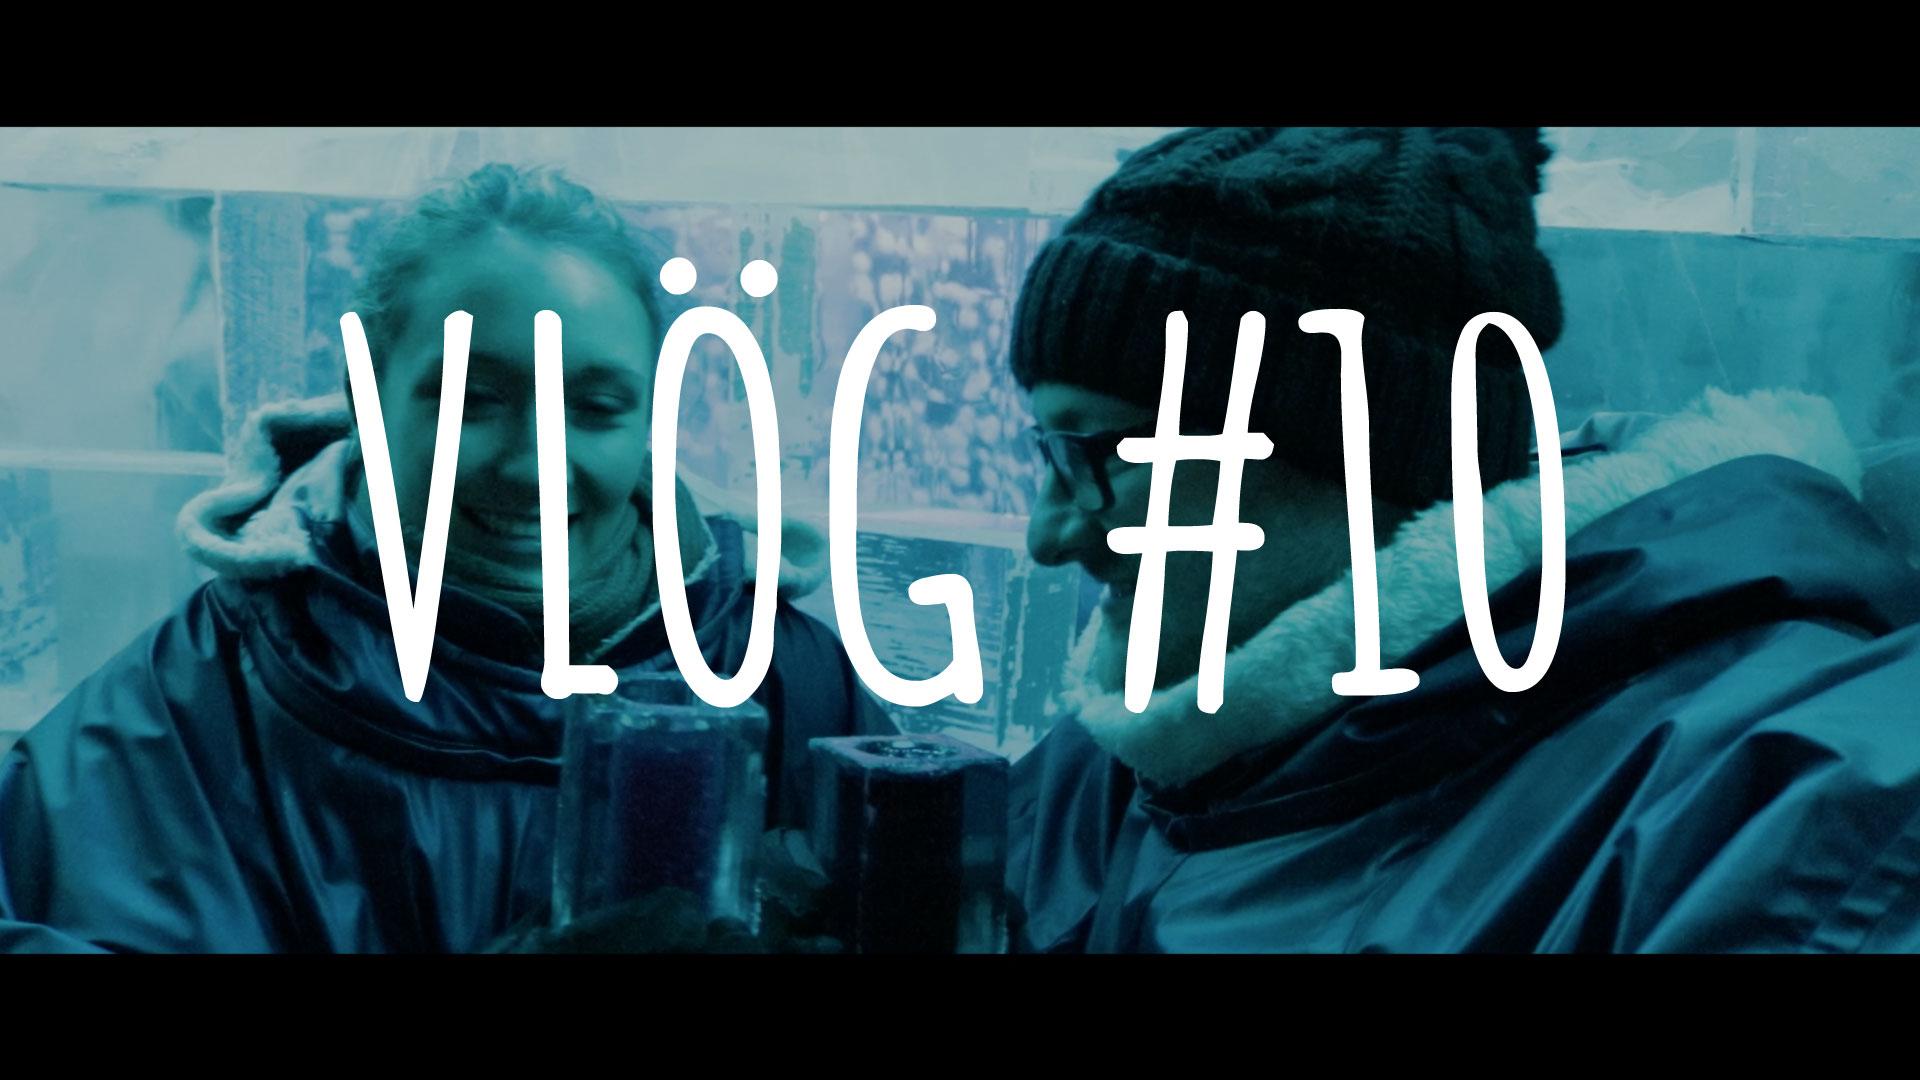 Le VLÖG #10 : -5° dans un bar de glace !! 🇸🇪